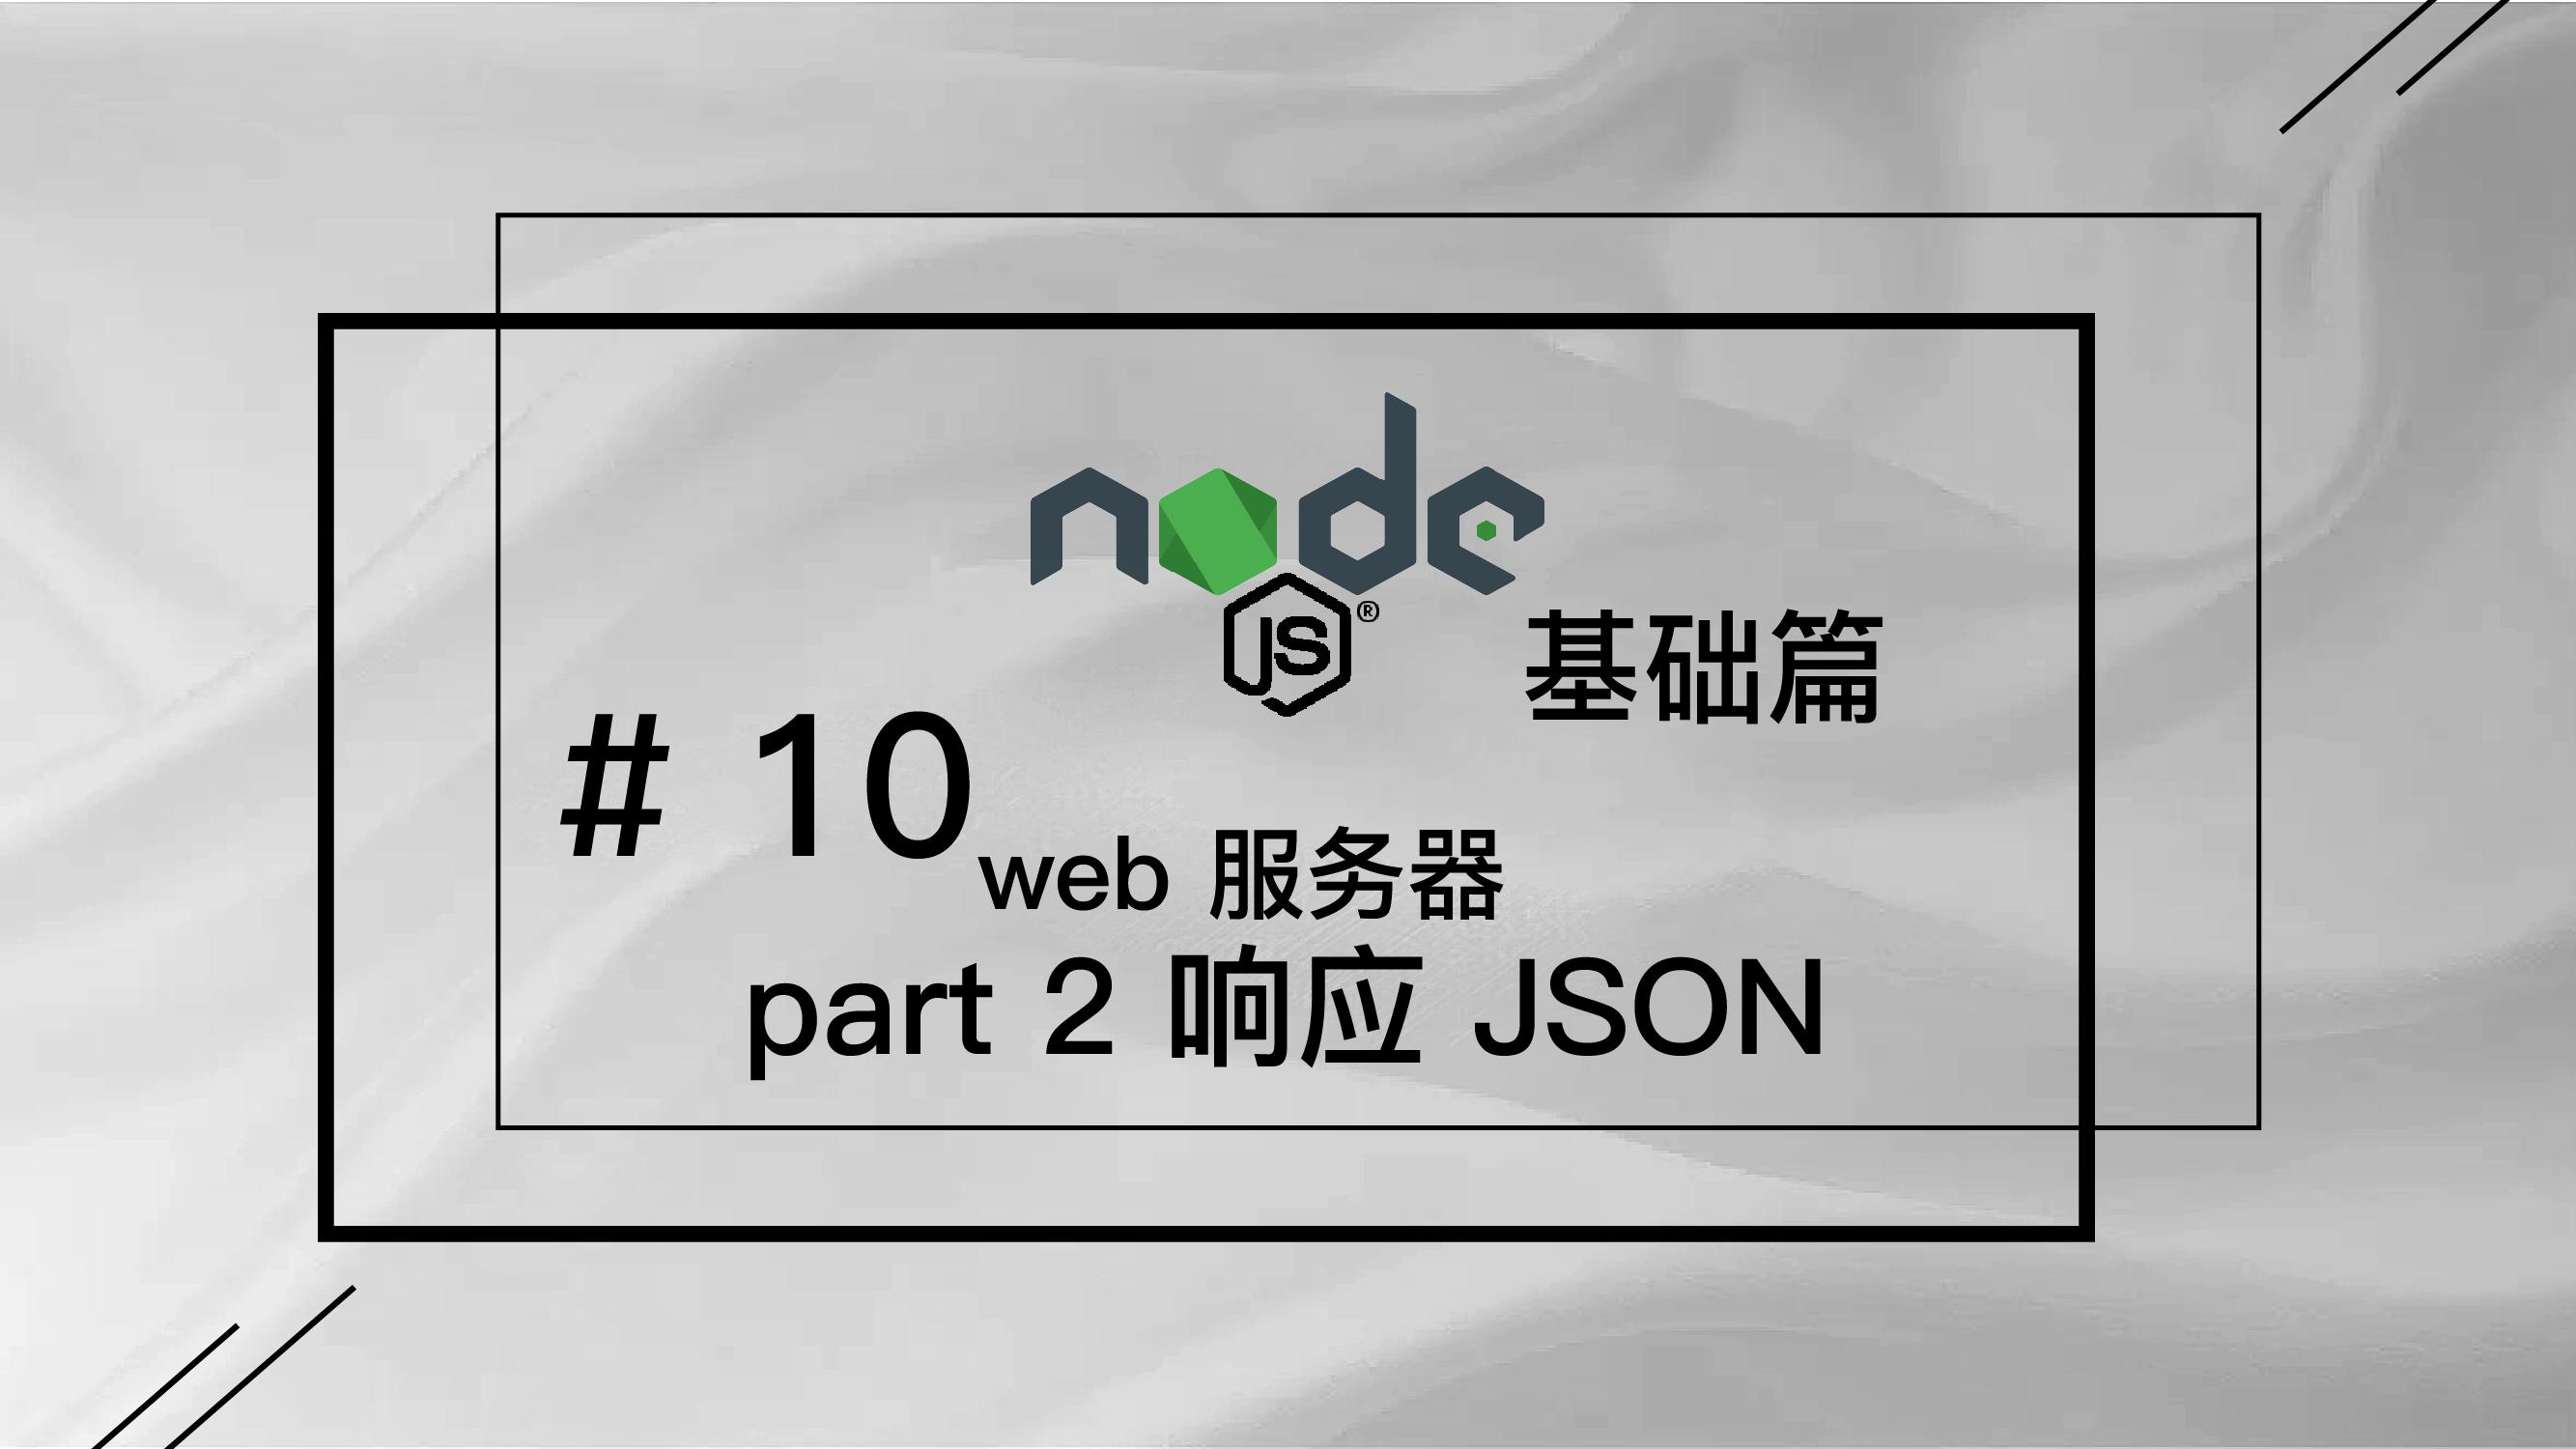 轻松学 Node.js - 基础篇 #10 web 服务器 part 2 响应 JSON